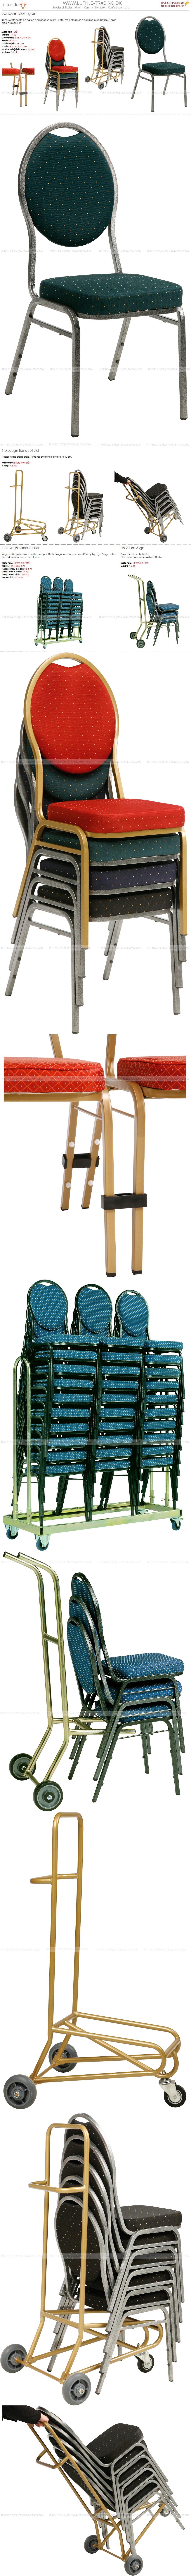 Stabelstol Banquet billig model med stålstel og polstret med grøn stof med nistmønster